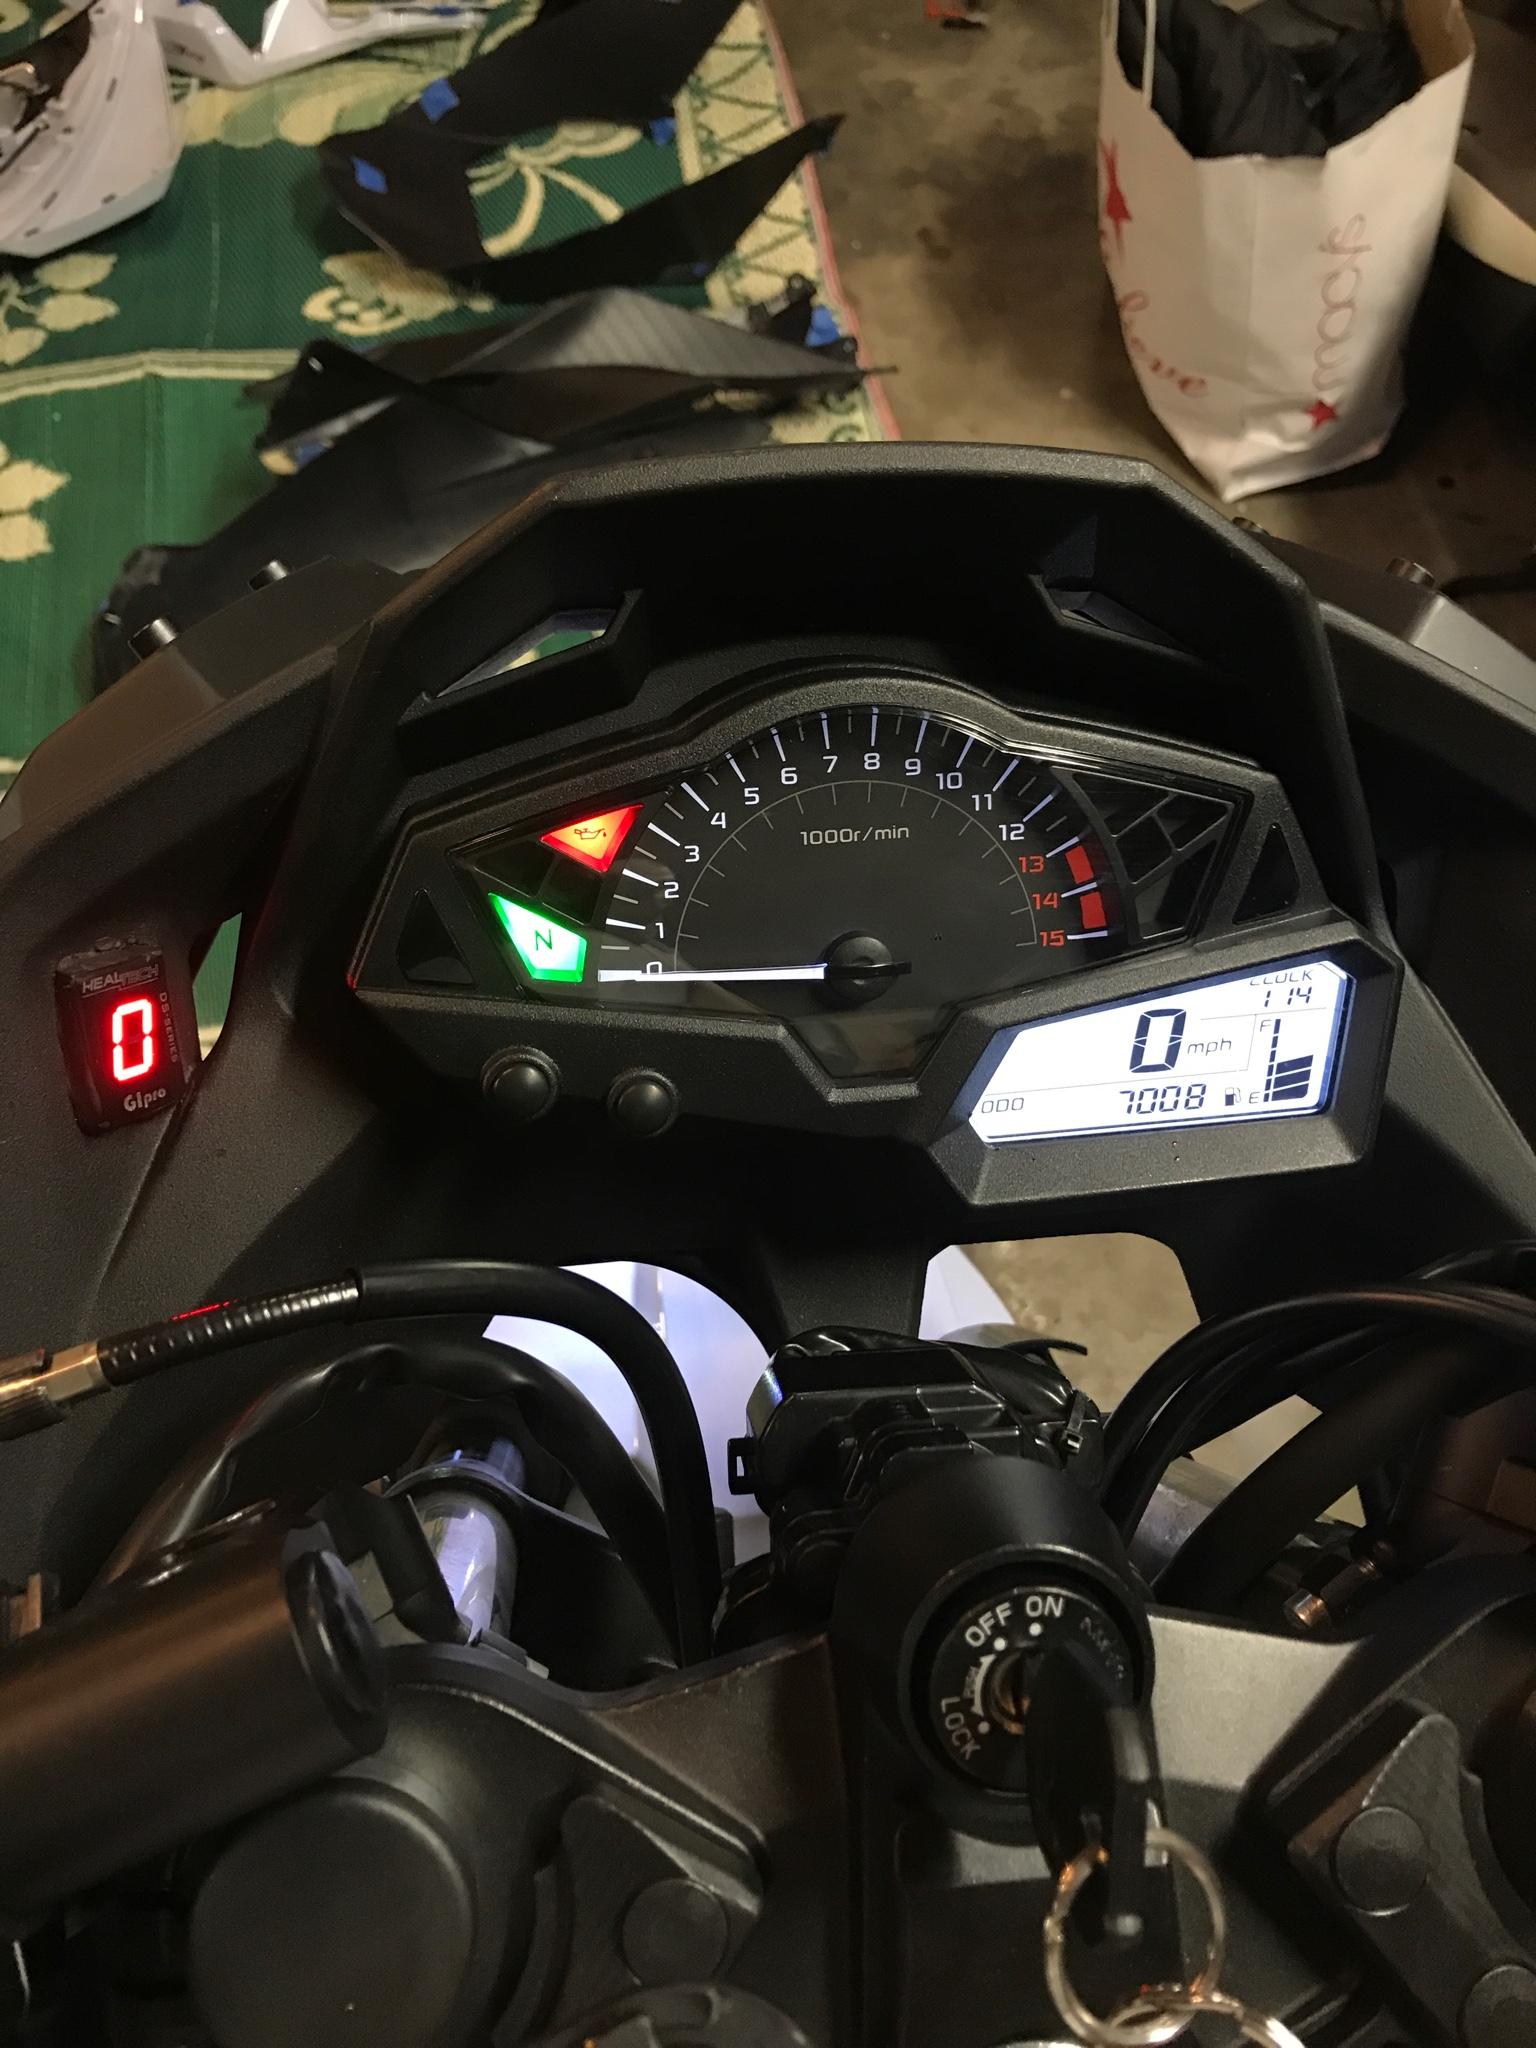 Gipro-DS gear indicator - Kawasaki Ninja 300 Forum